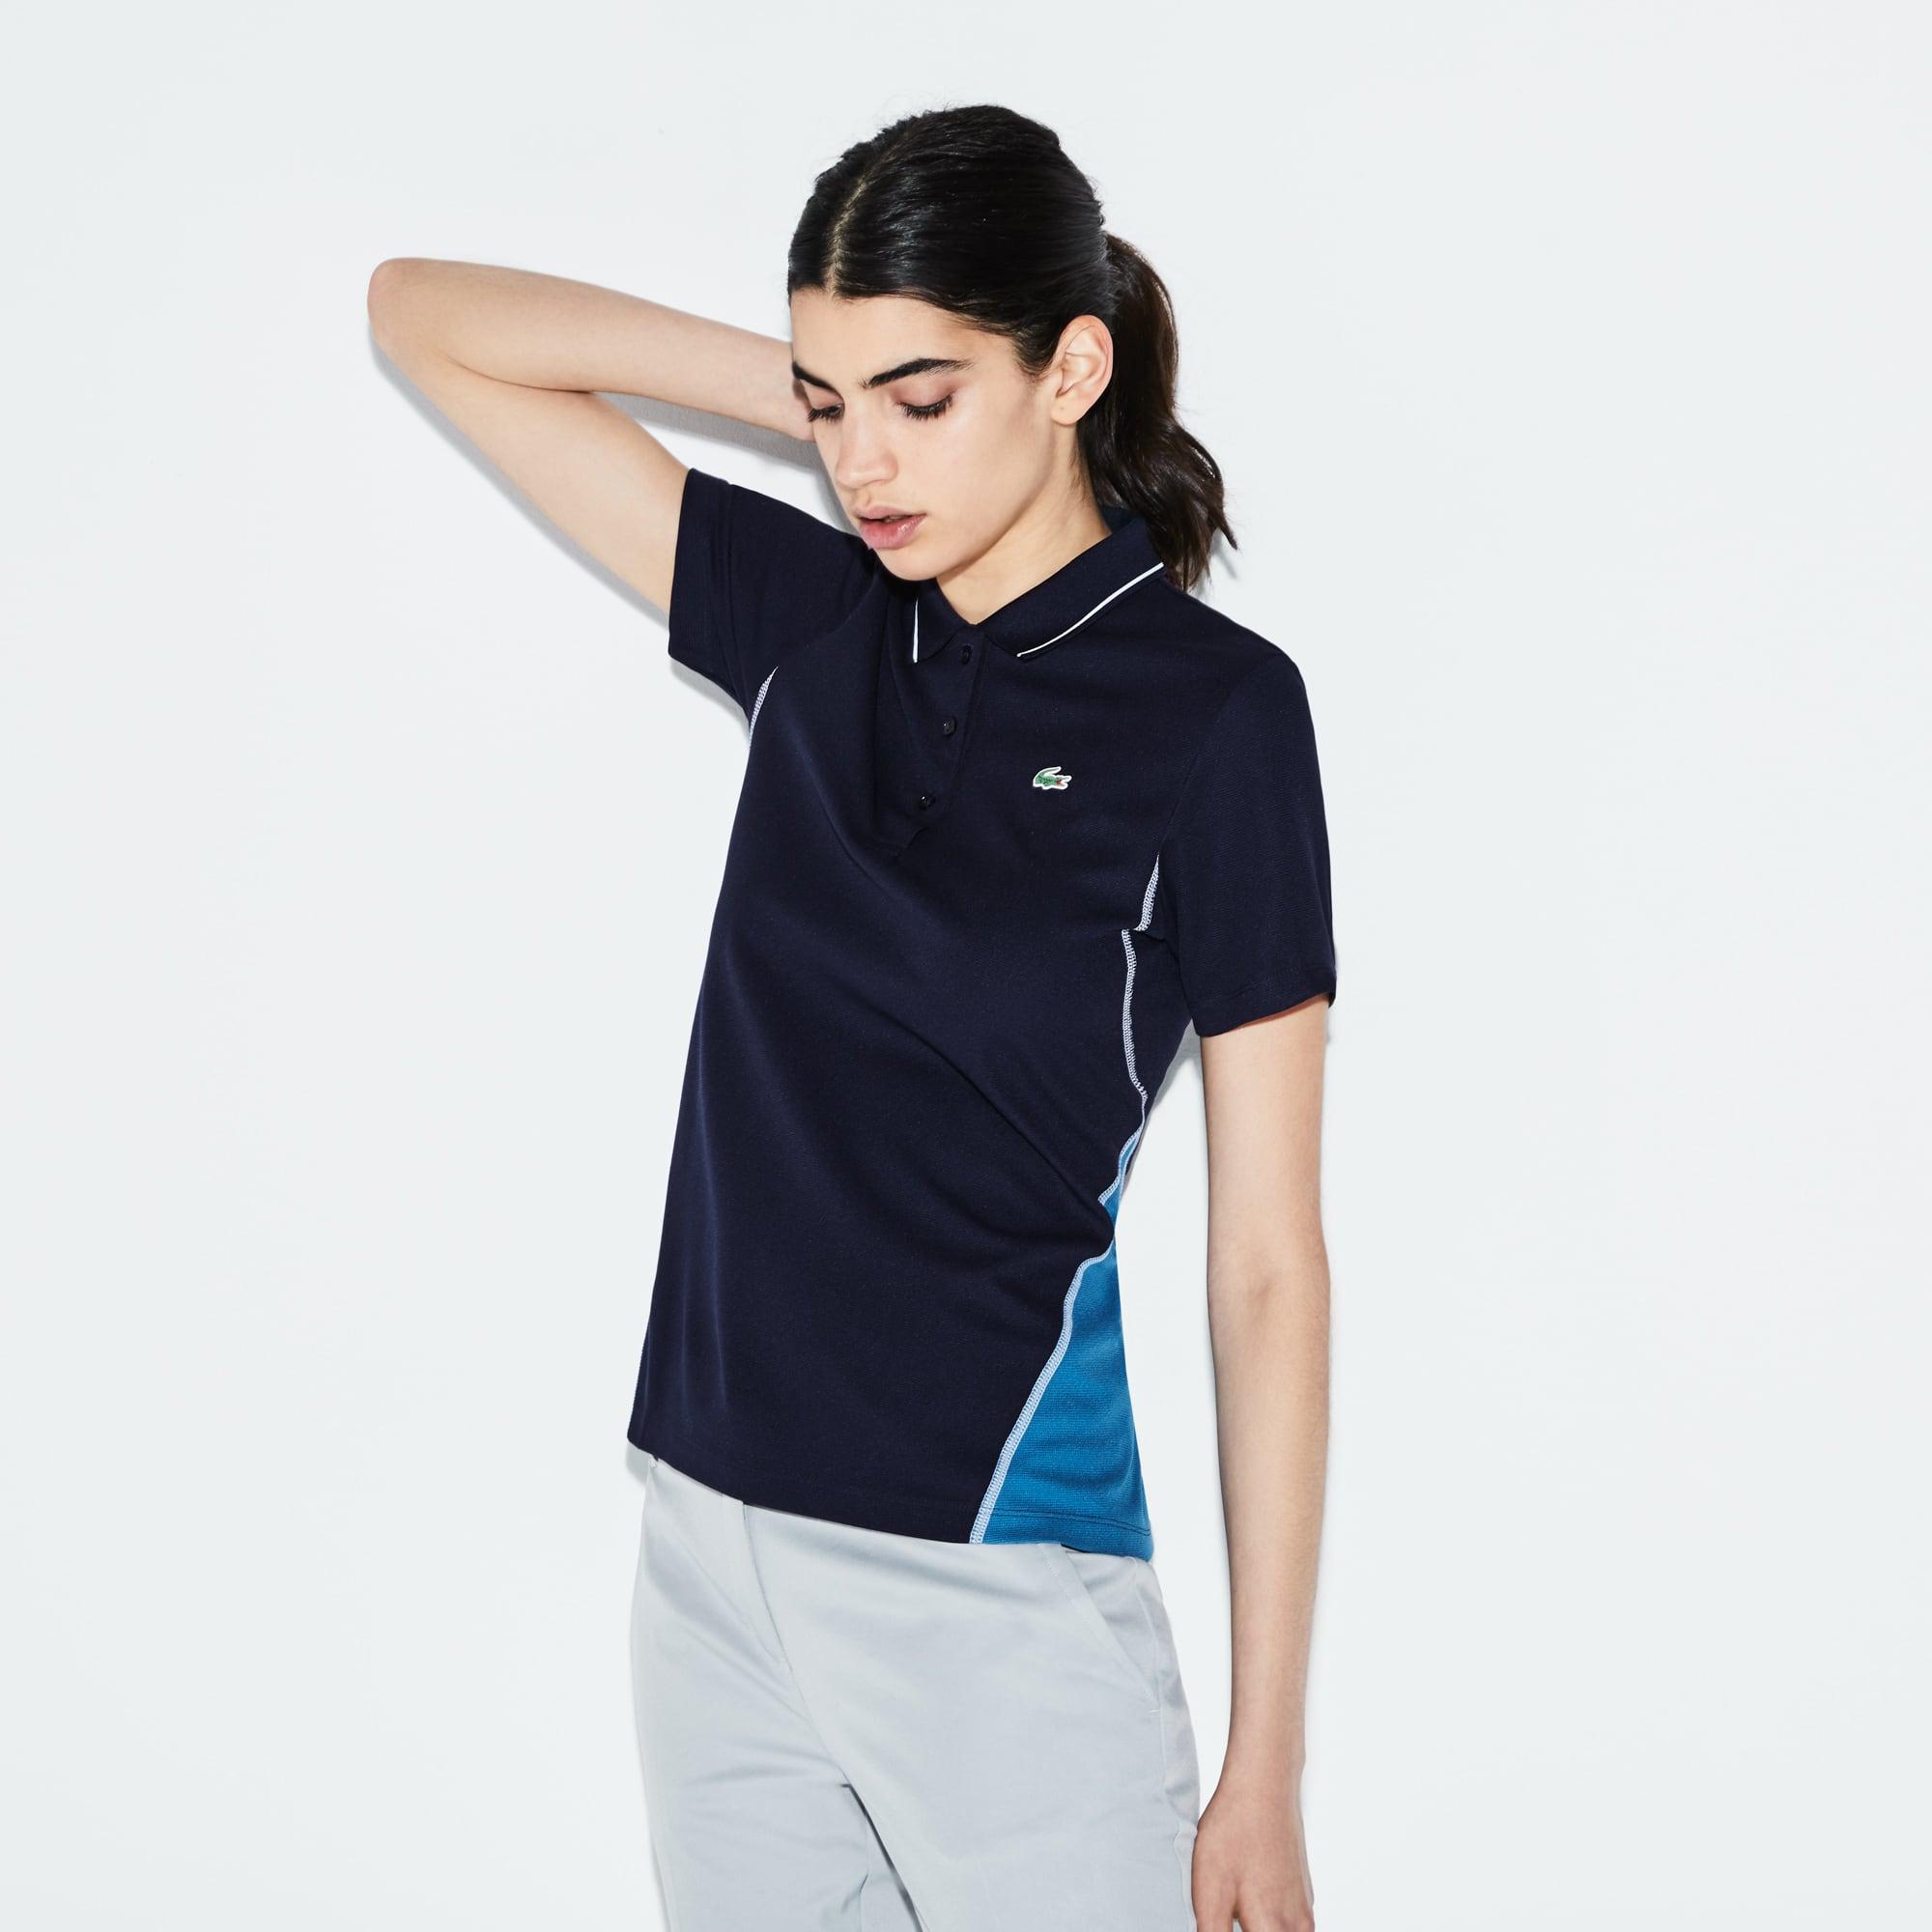 Polo Golf Lacoste SPORT em malha de algodão técnica bicolor